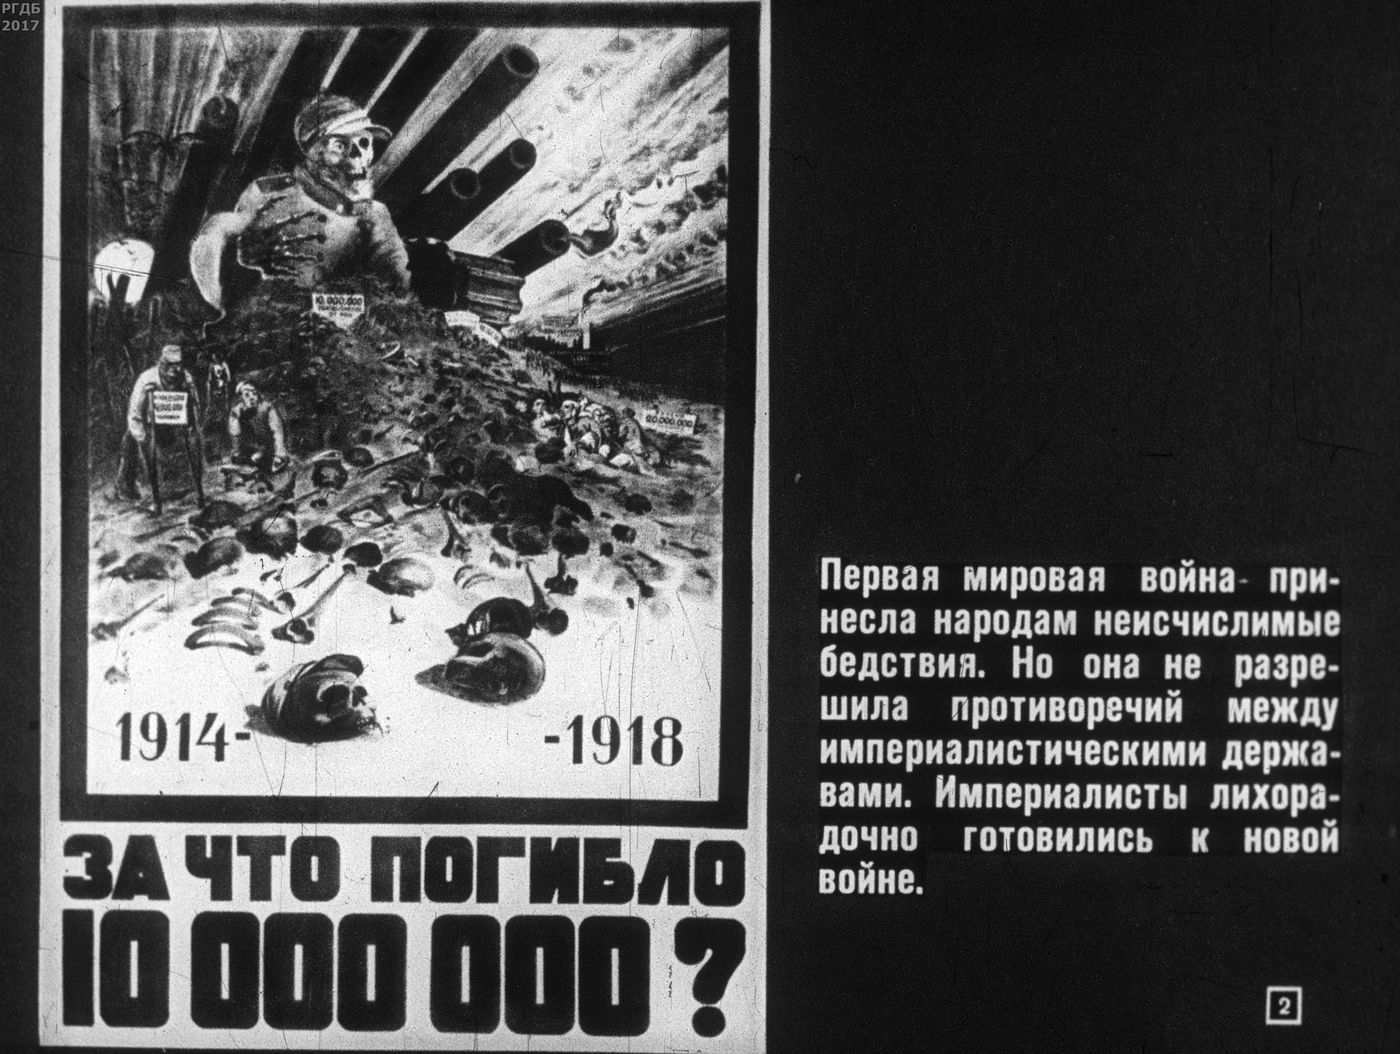 Советский диафильм «Начало Второй Мировой войны»